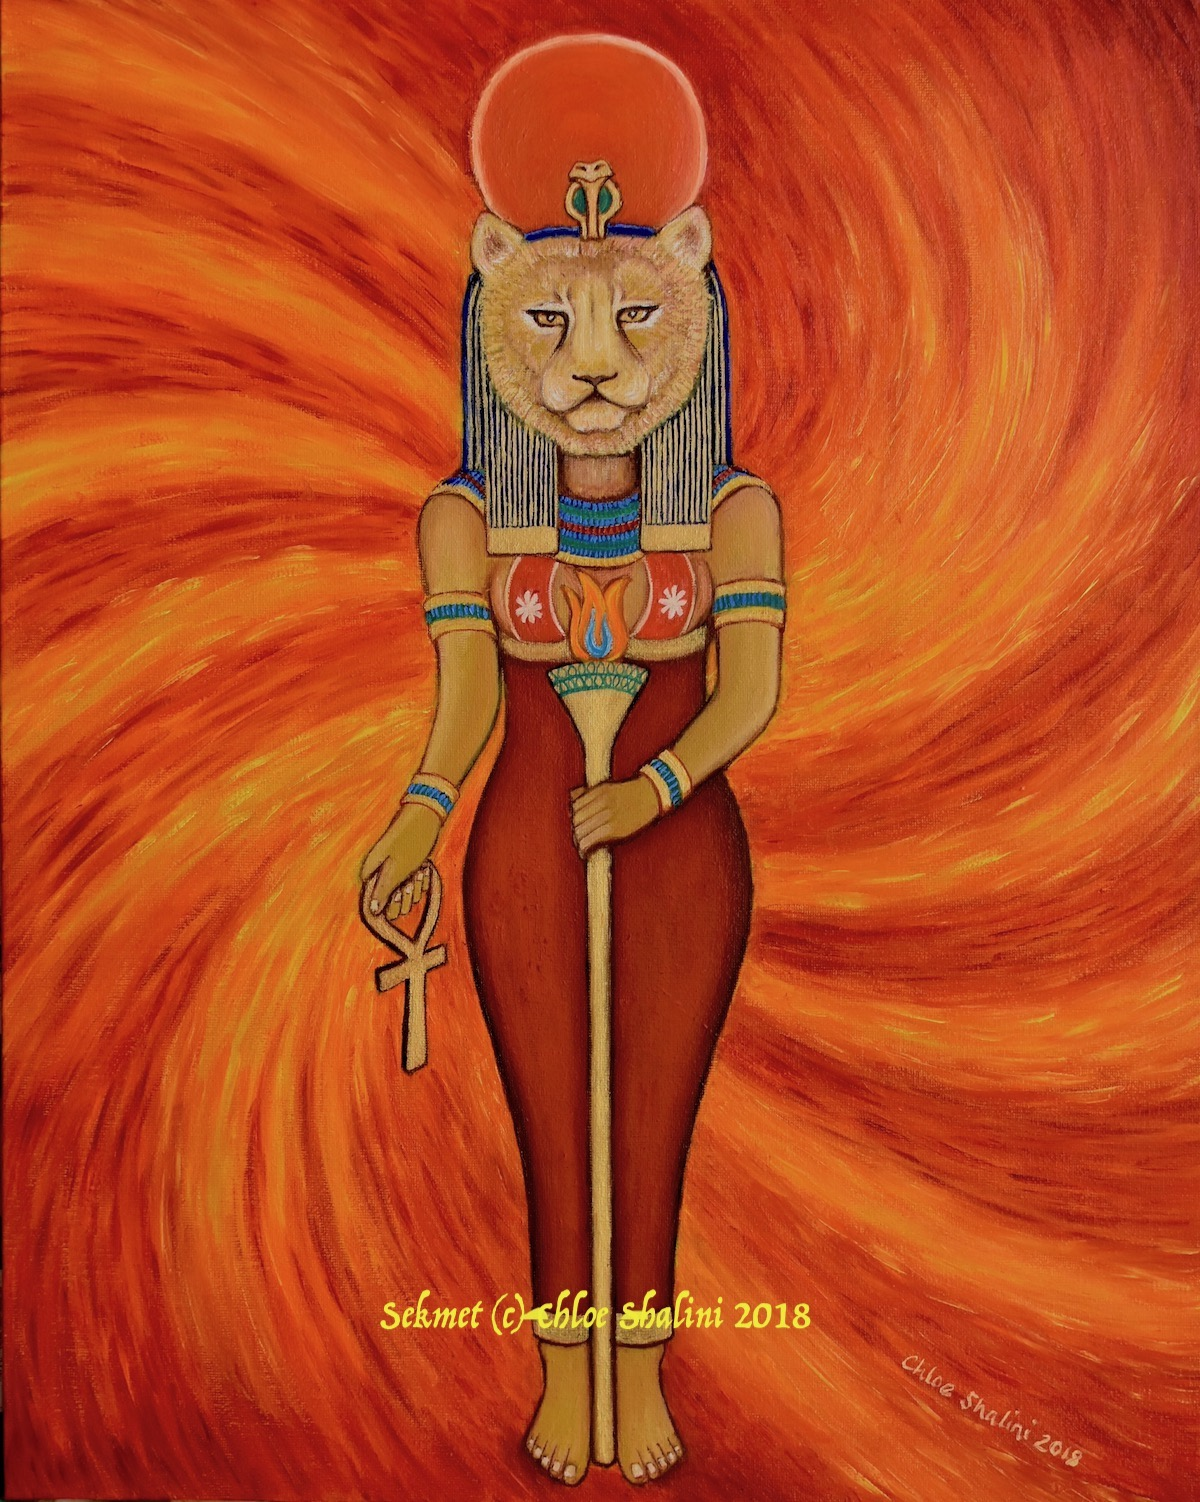 Sekhmet the Lioness